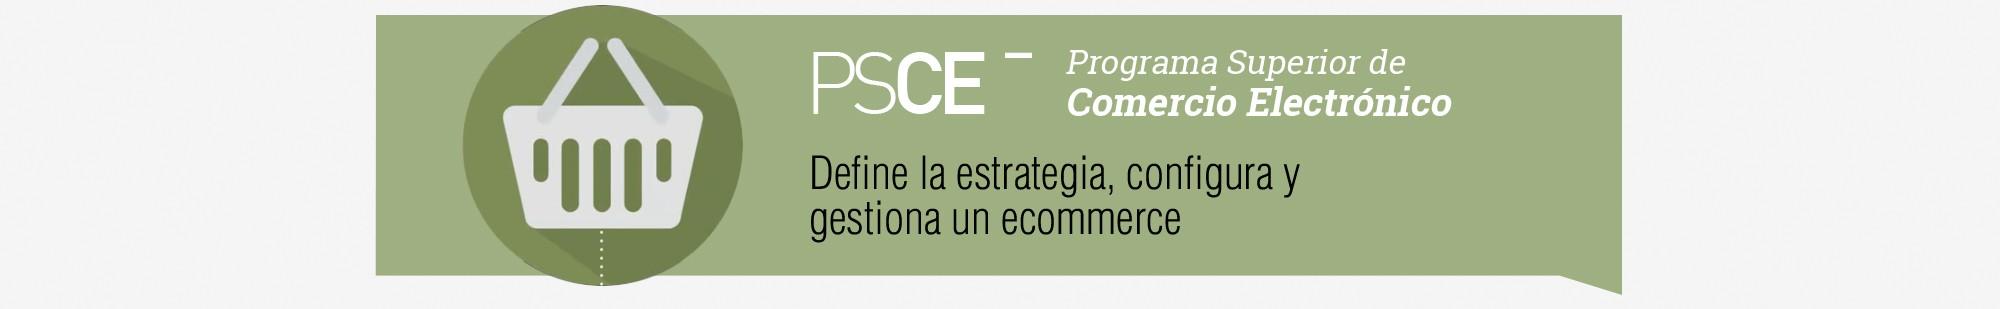 Programa Superior de Comercio Electrónico